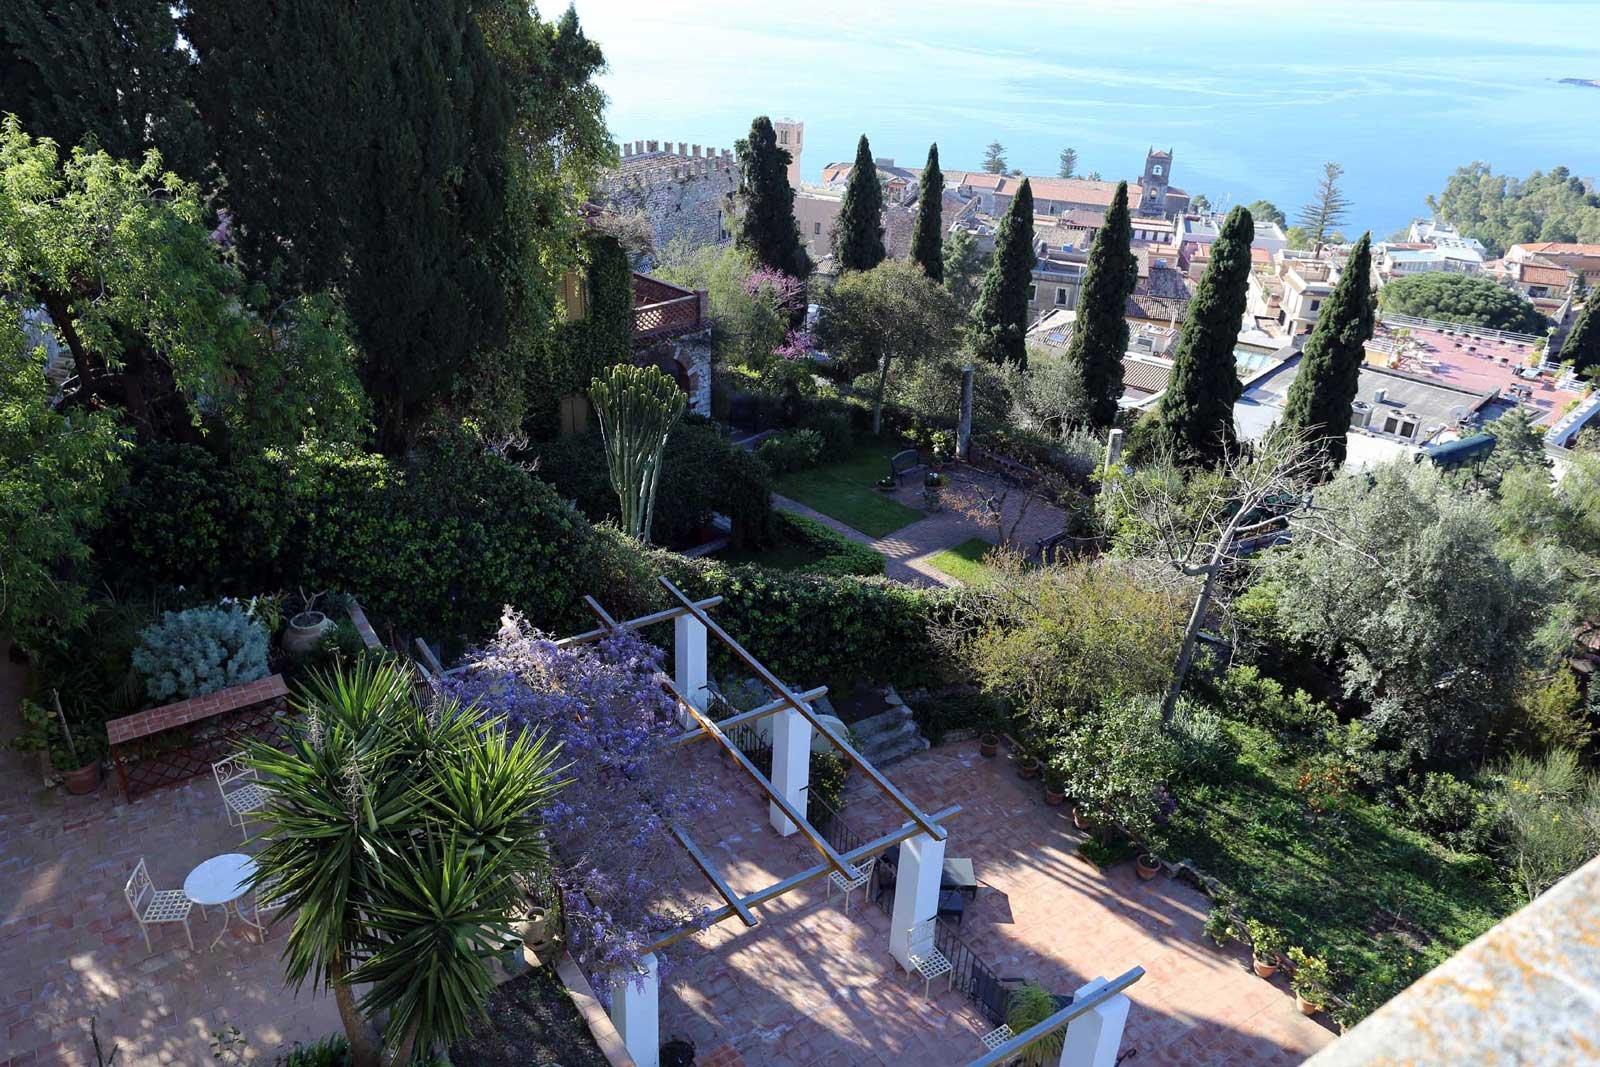 Parchi da visitare in sicilia e sardegna cose di casa - Giardini in casa ...